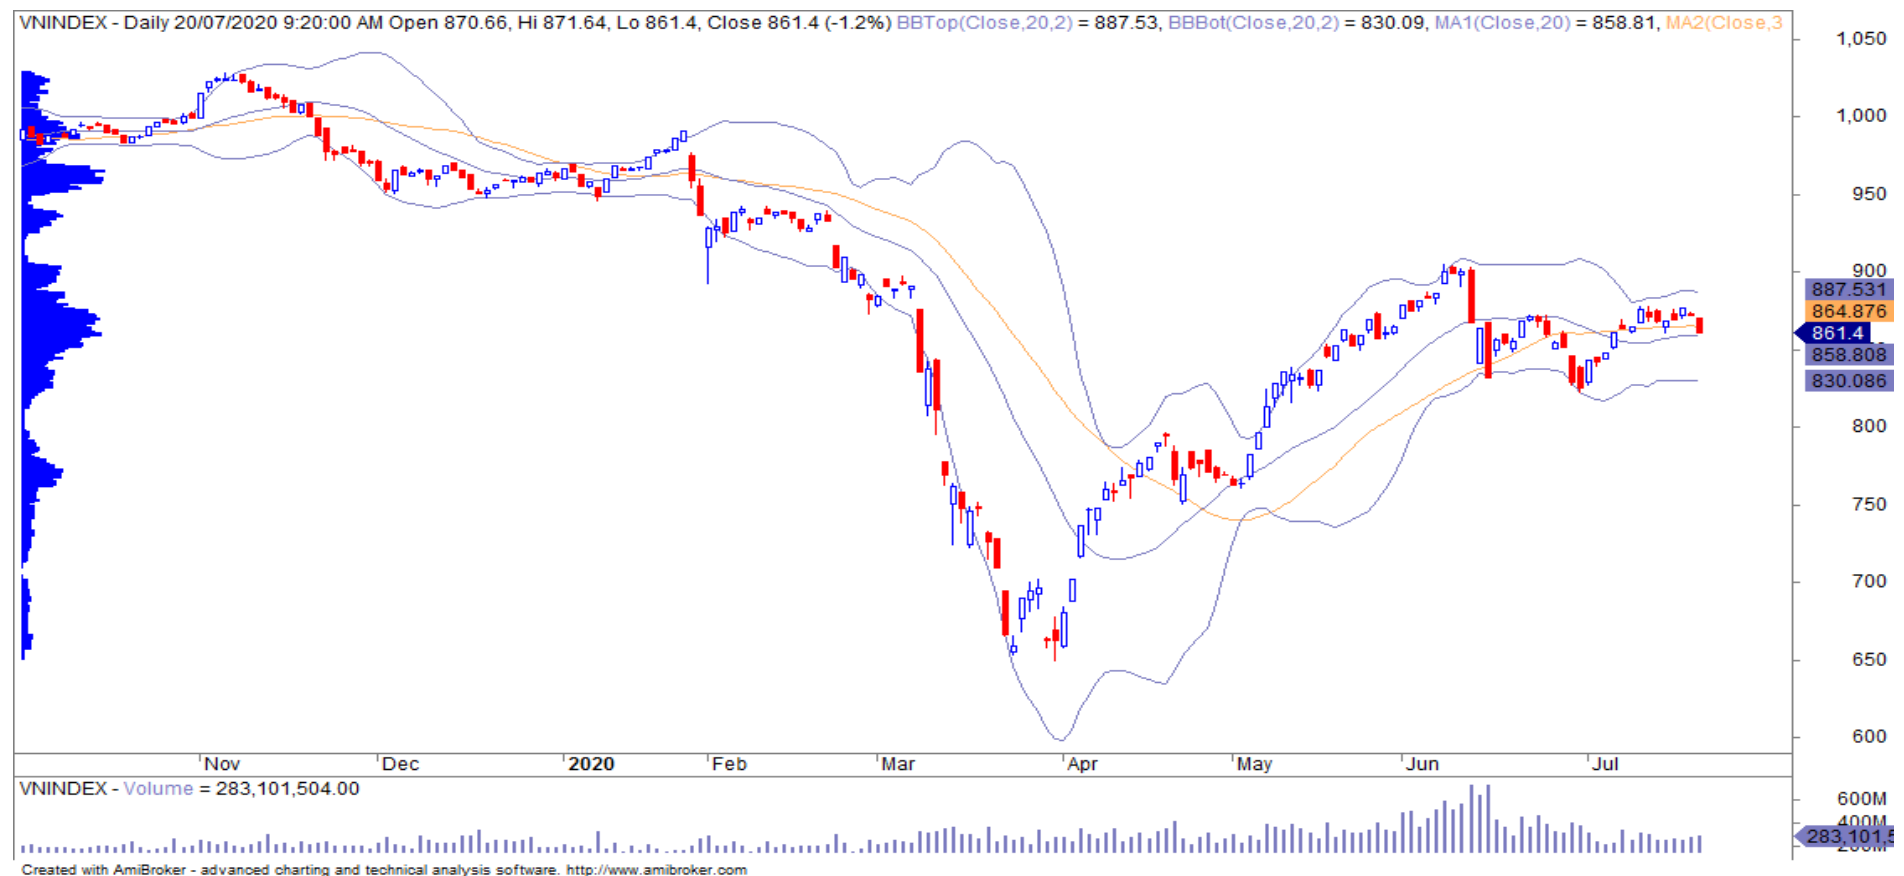 Nhận định thị trường chứng khoán ngày 21/7: Lùi về vùng hỗ trợ 850 - 860 điểm - Ảnh 1.